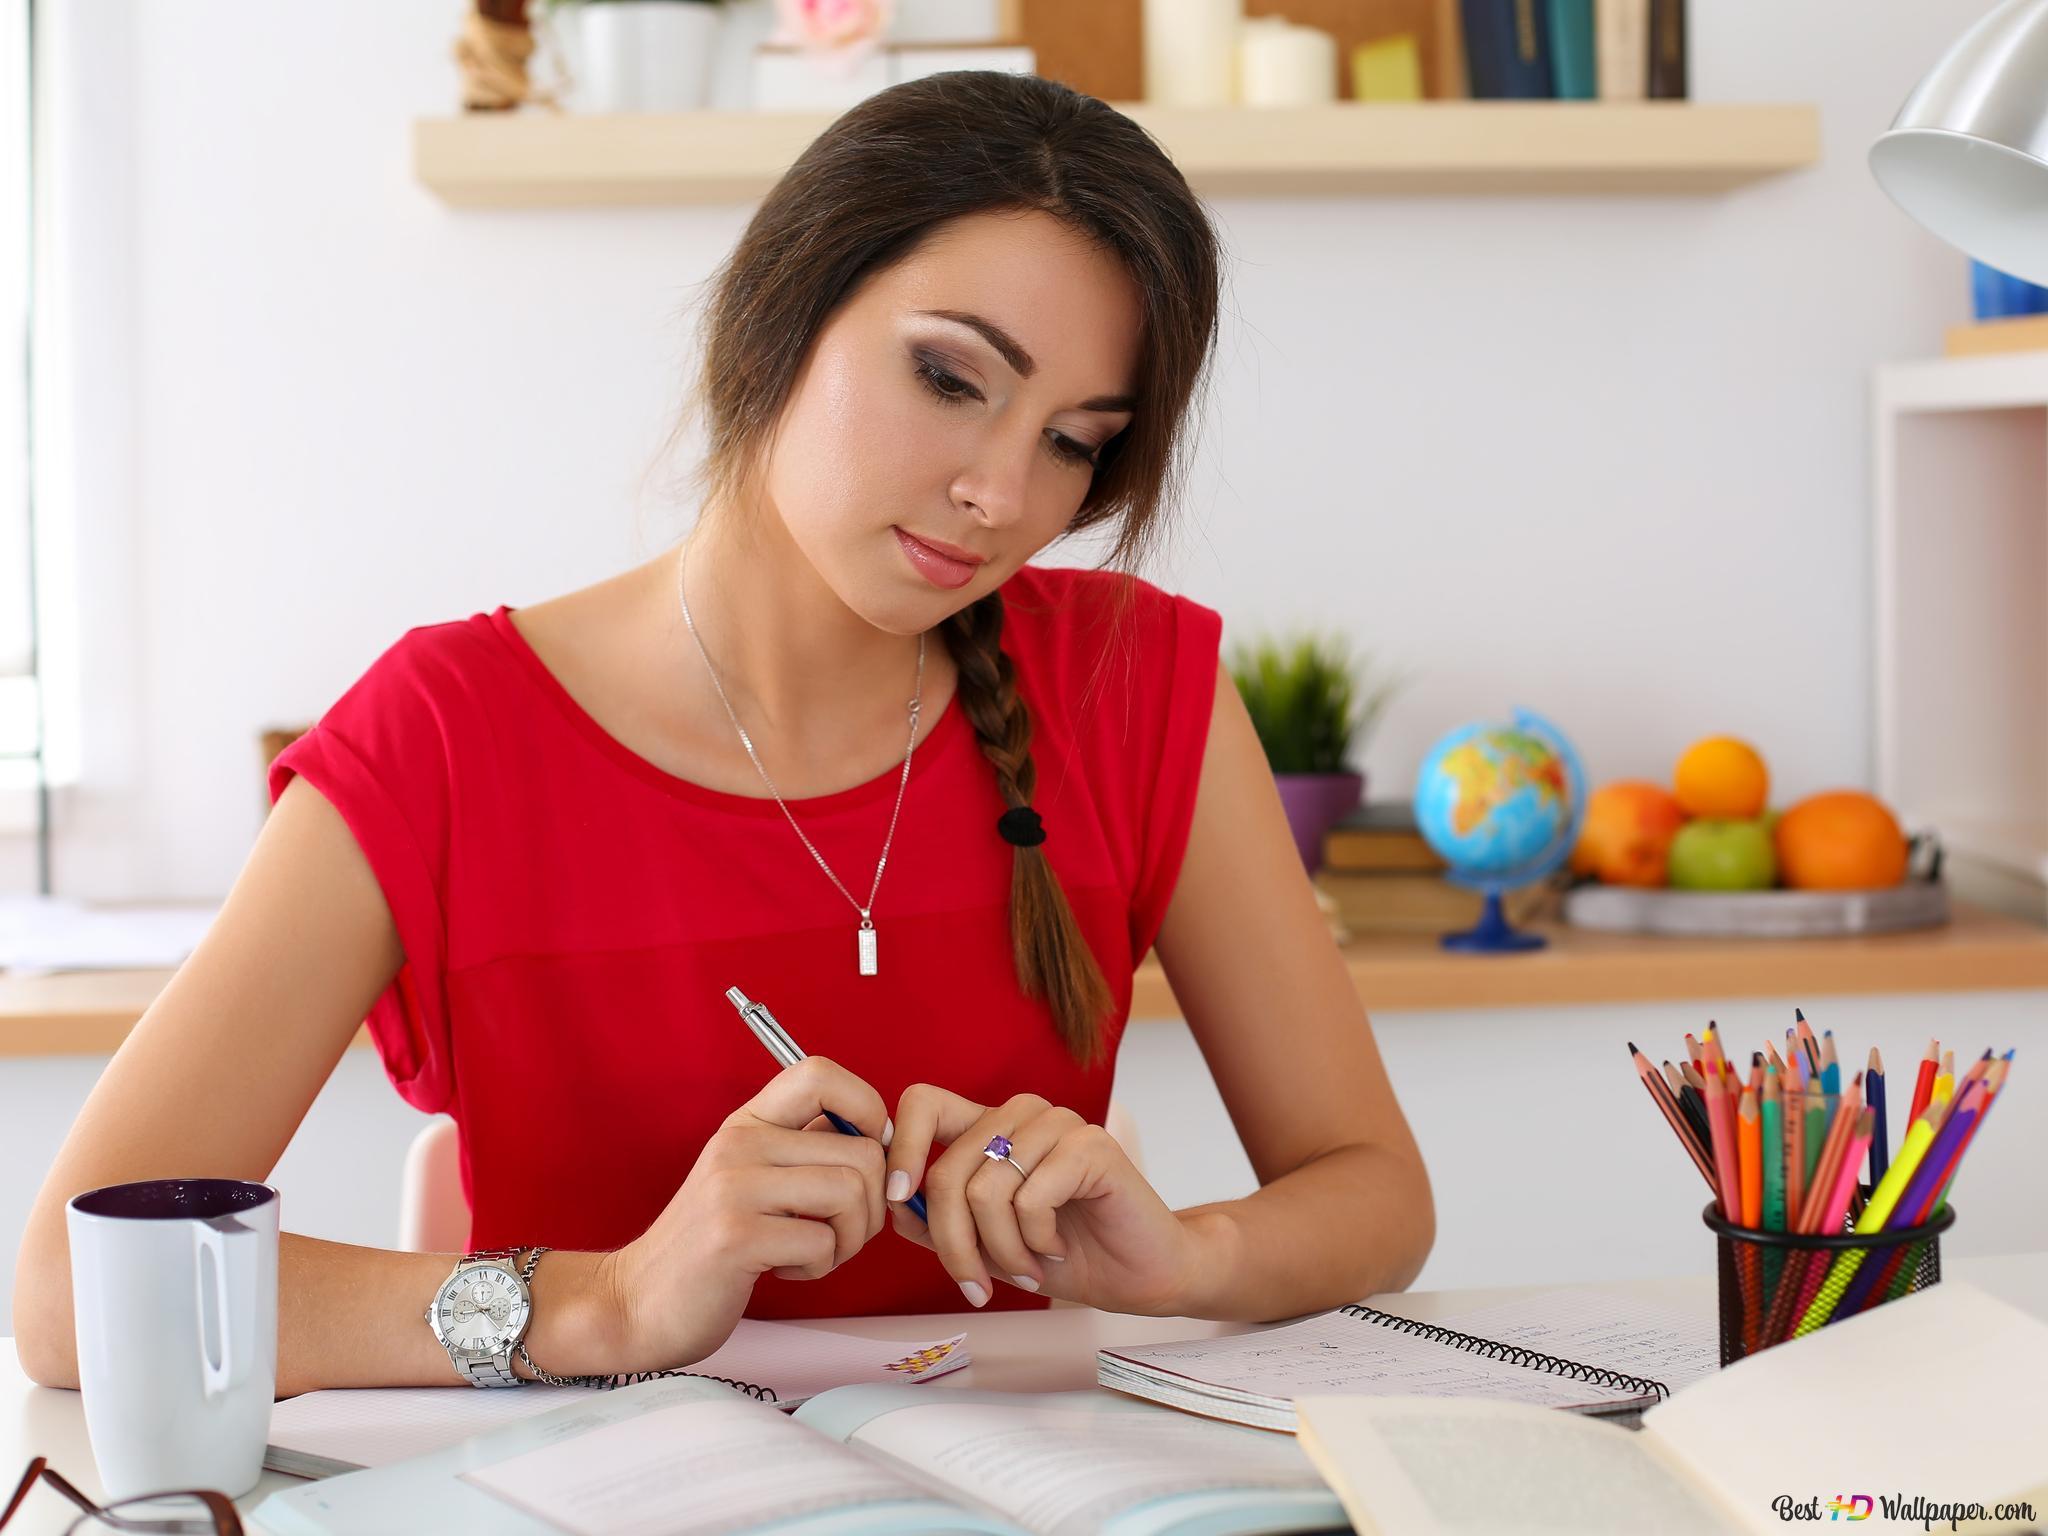 勉強かわいい女の子 Hd壁紙のダウンロード